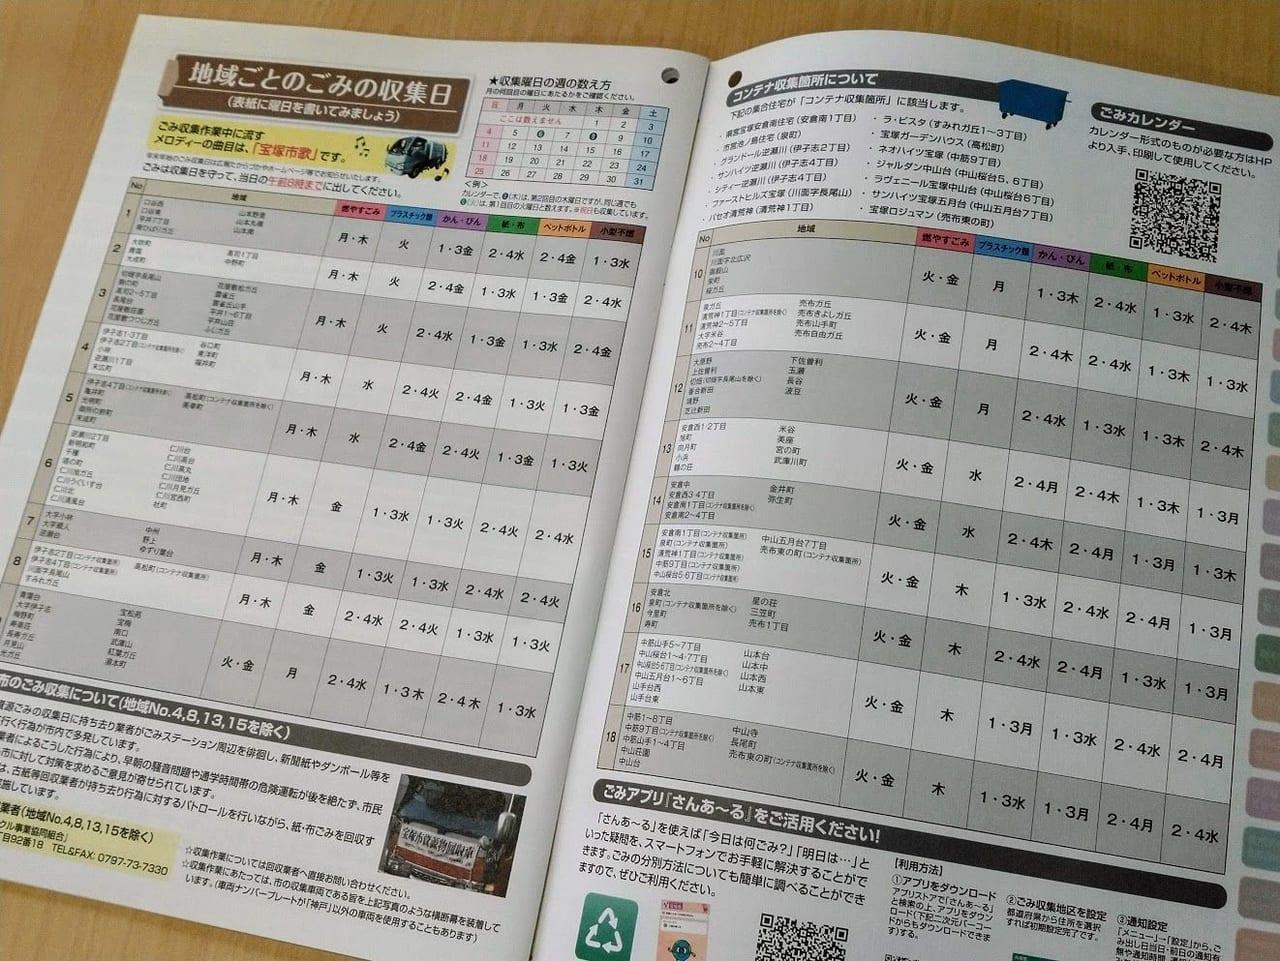 市 ゴミ カレンダー 宝塚